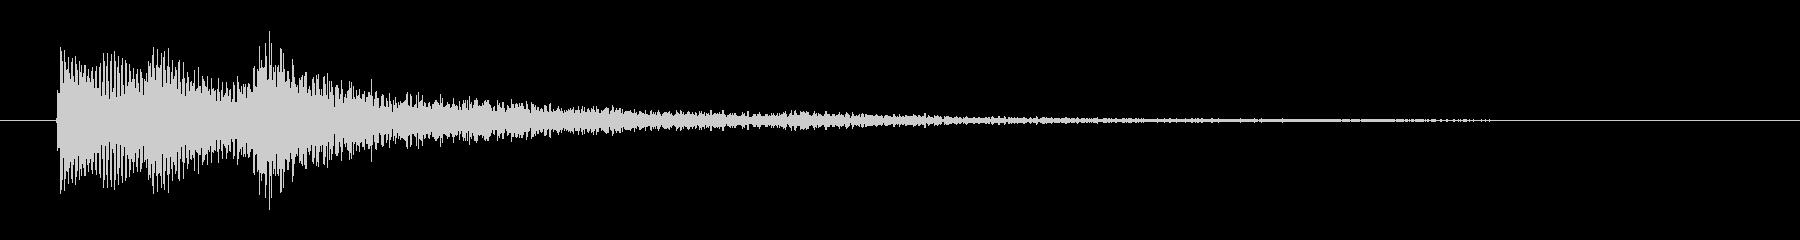 企業・CM ピアノのサウンドロゴの未再生の波形